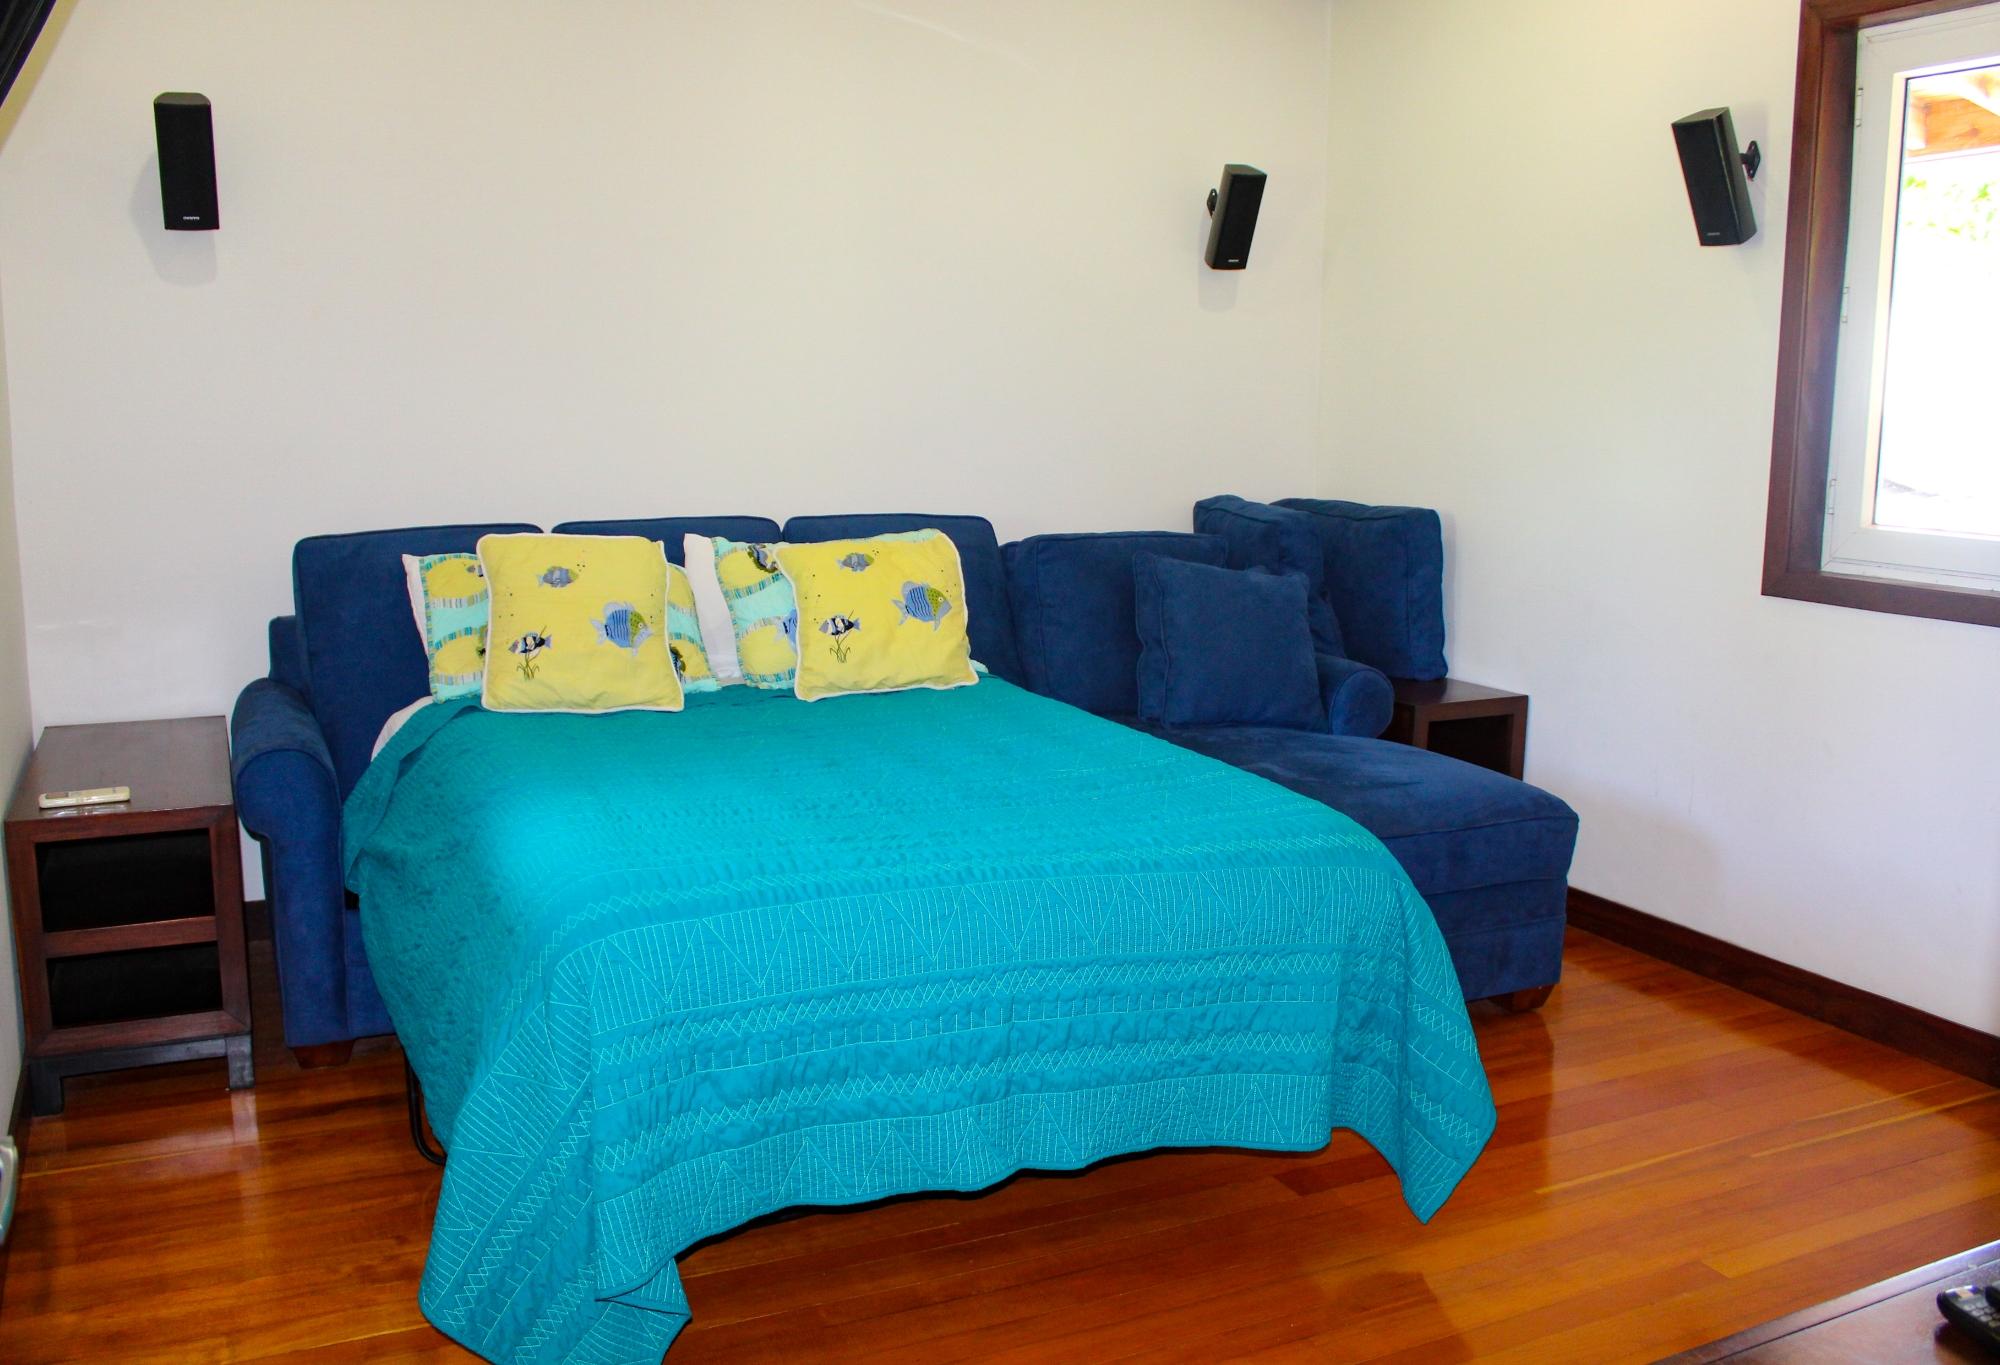 Queen bed in media room